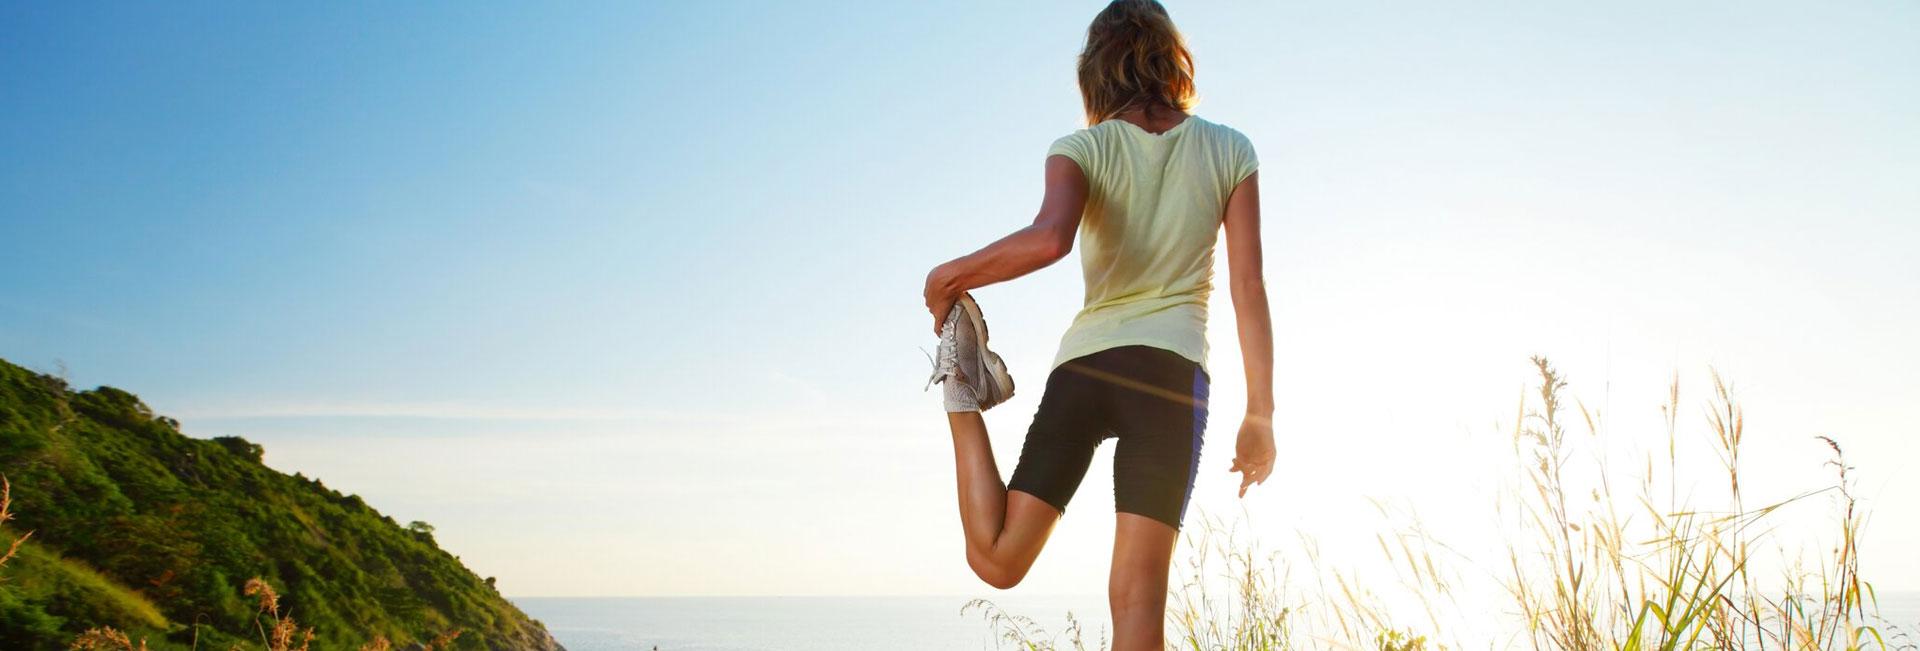 Cómo mantenerte fresco cuando se realiza ejercicio en verano